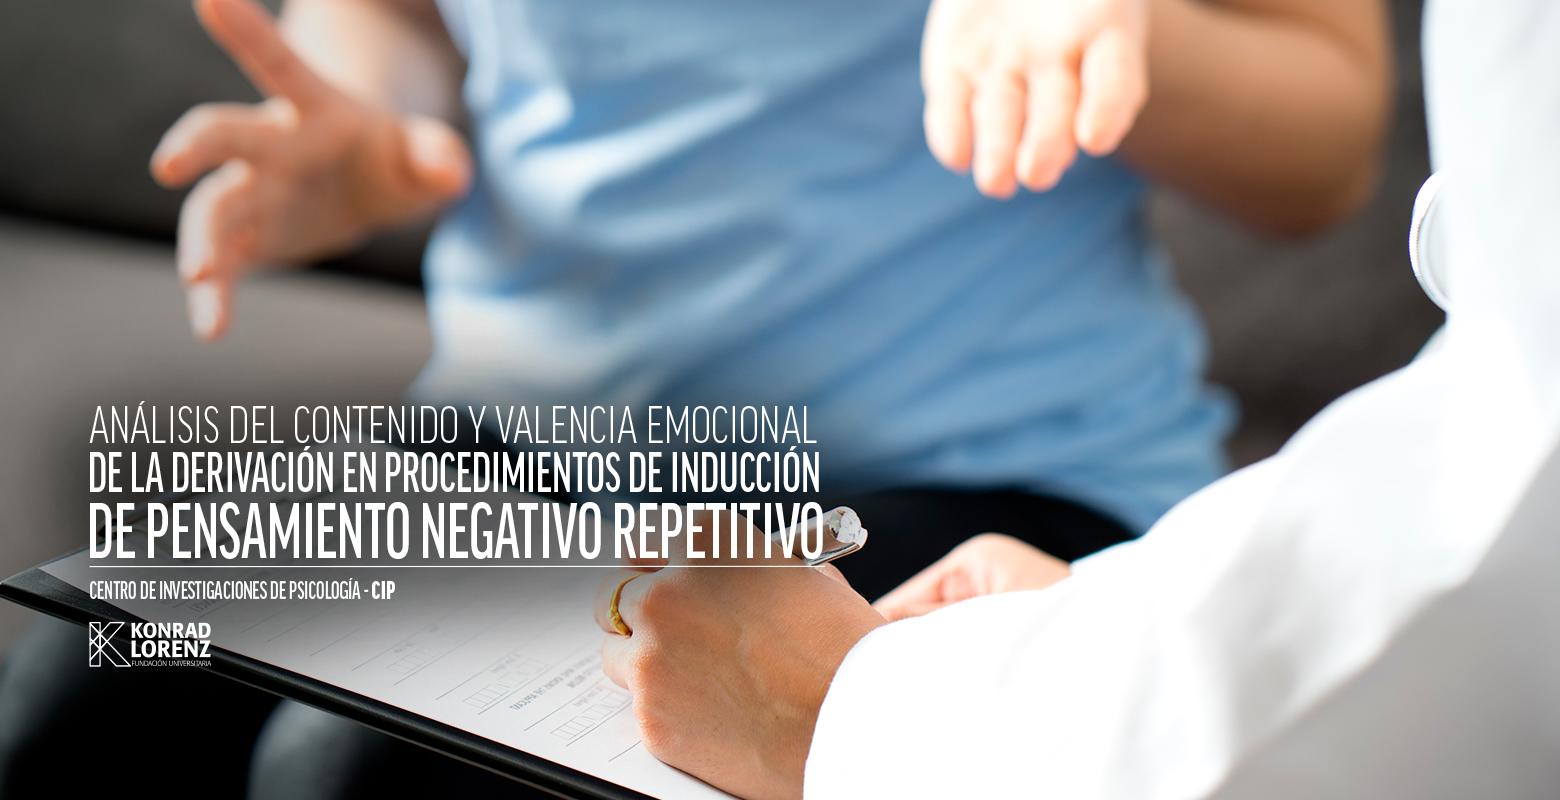 Análisis del contenido y valencia emocional de la derivación en procedimiento de inducción de pensamiento negativo repetitivo